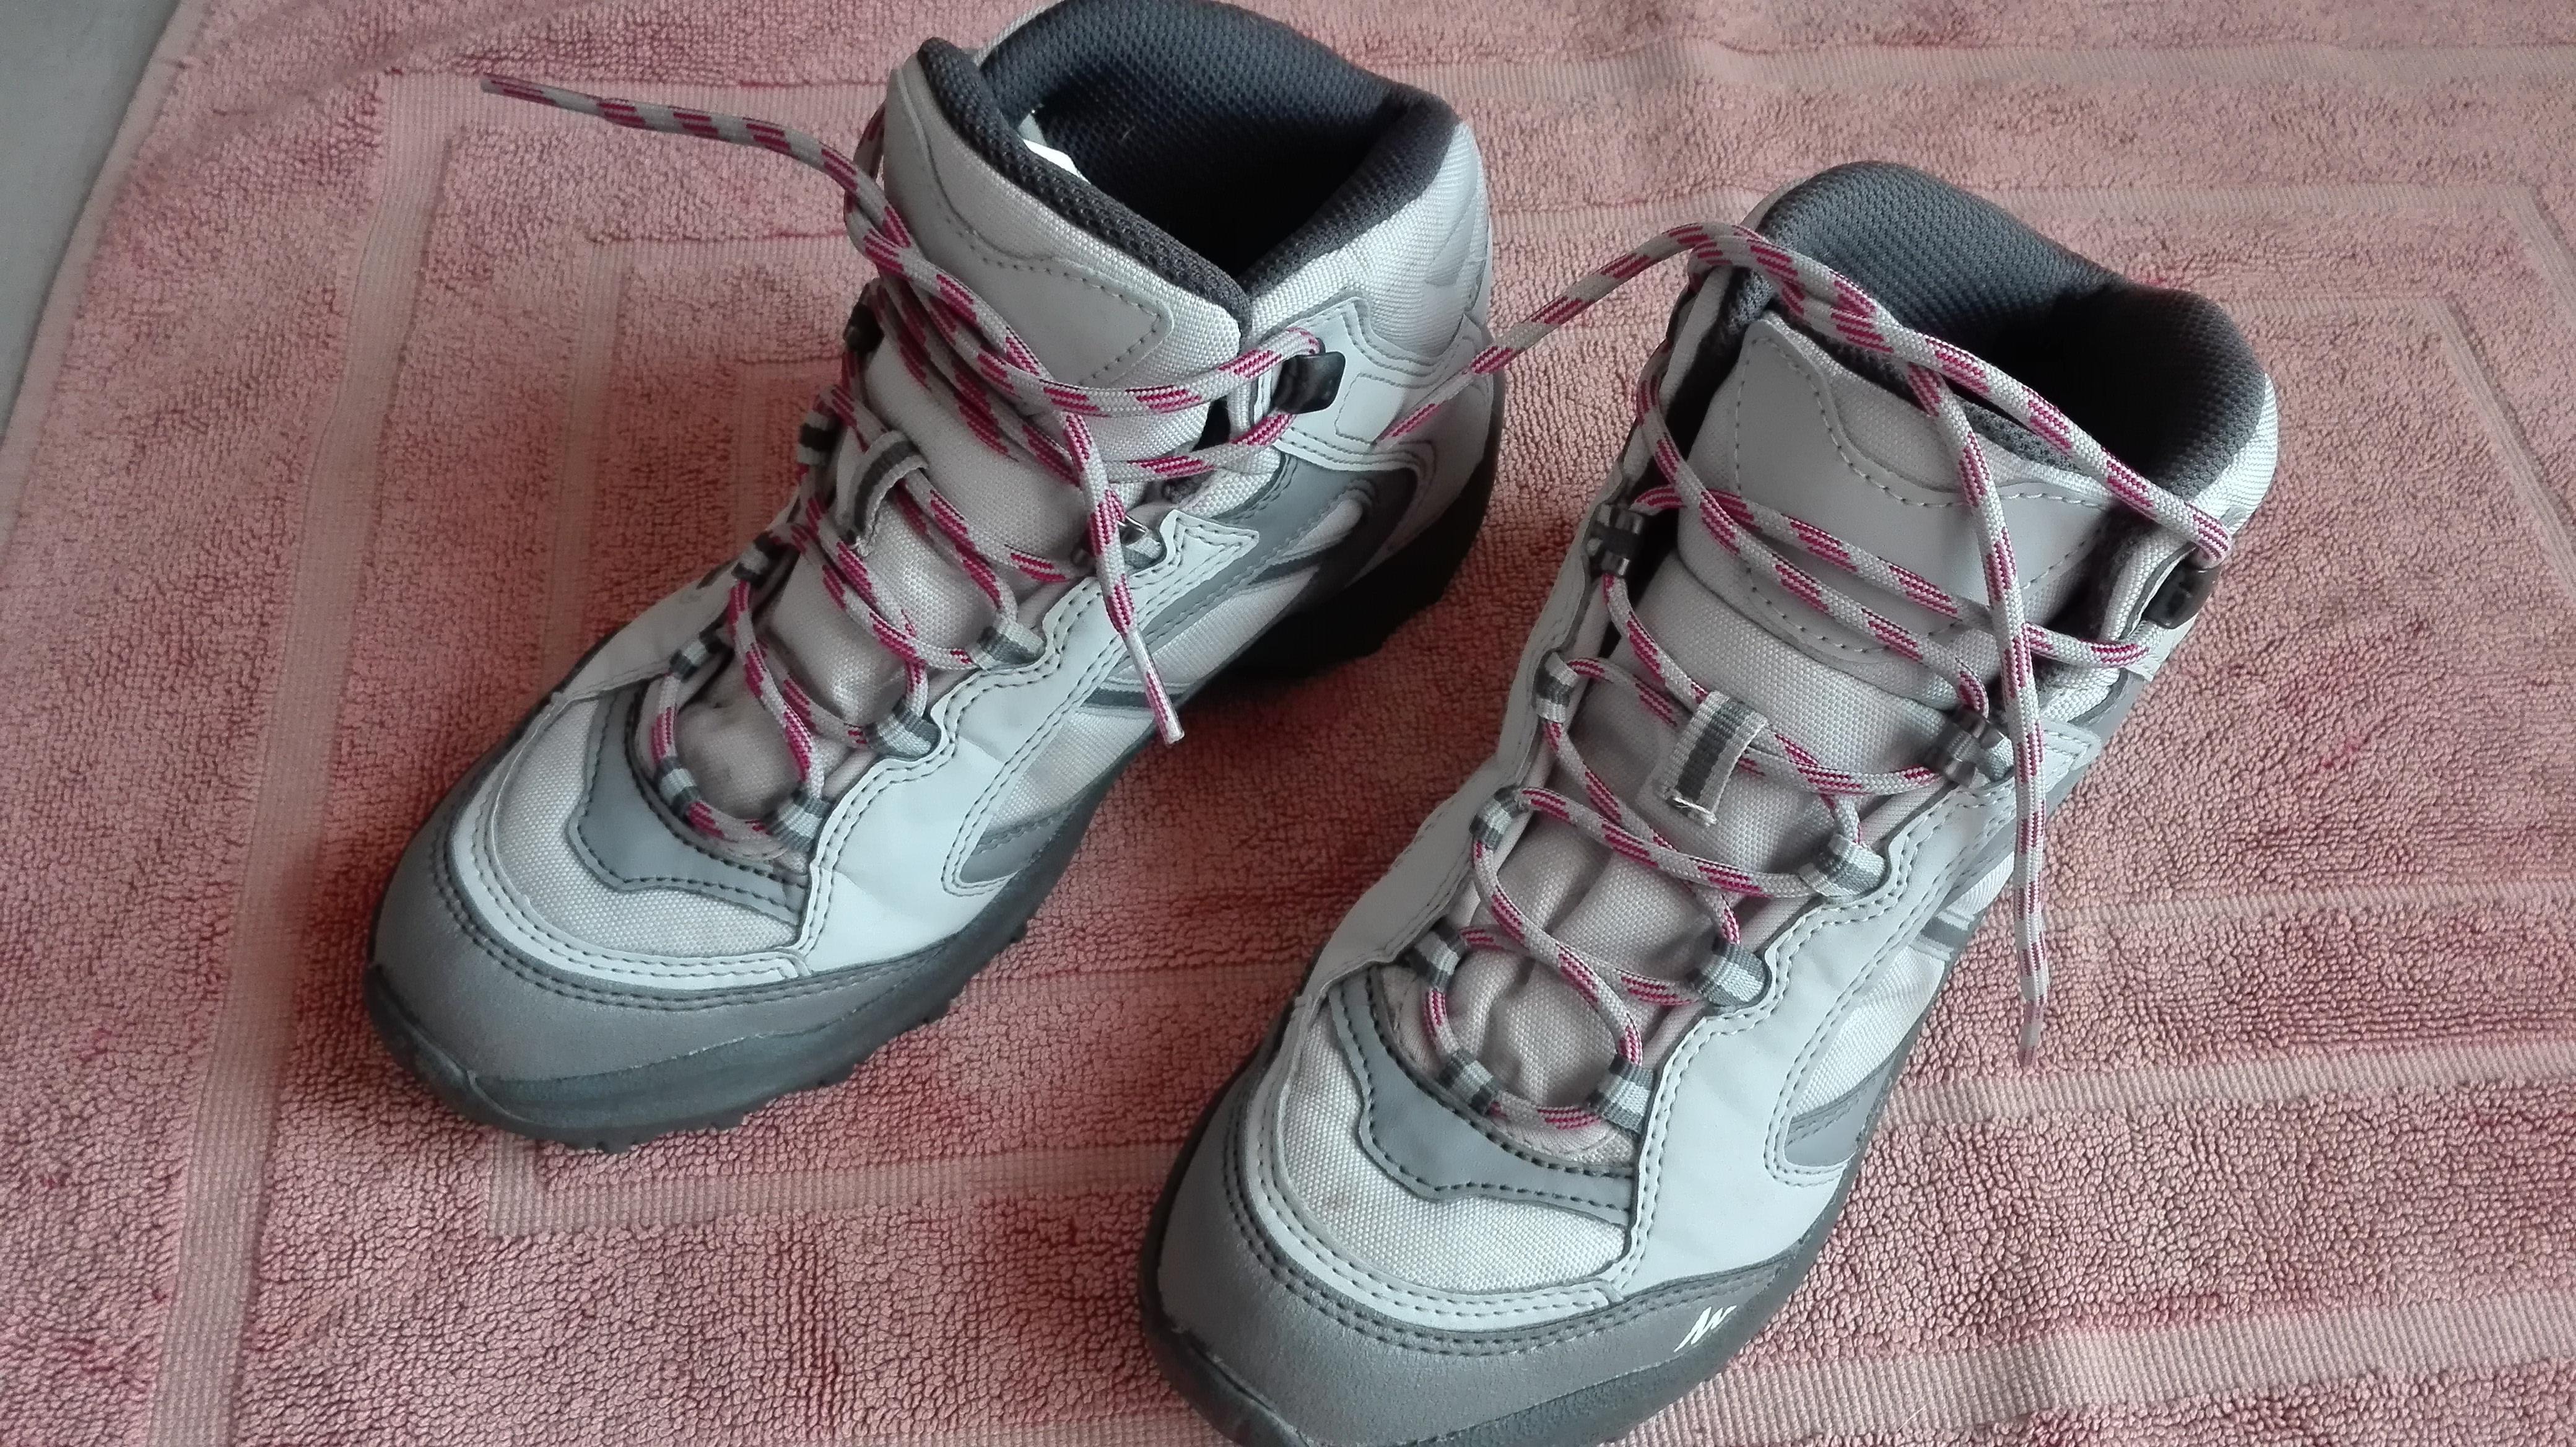 troc de troc chaussure de randonnée 37 image 1